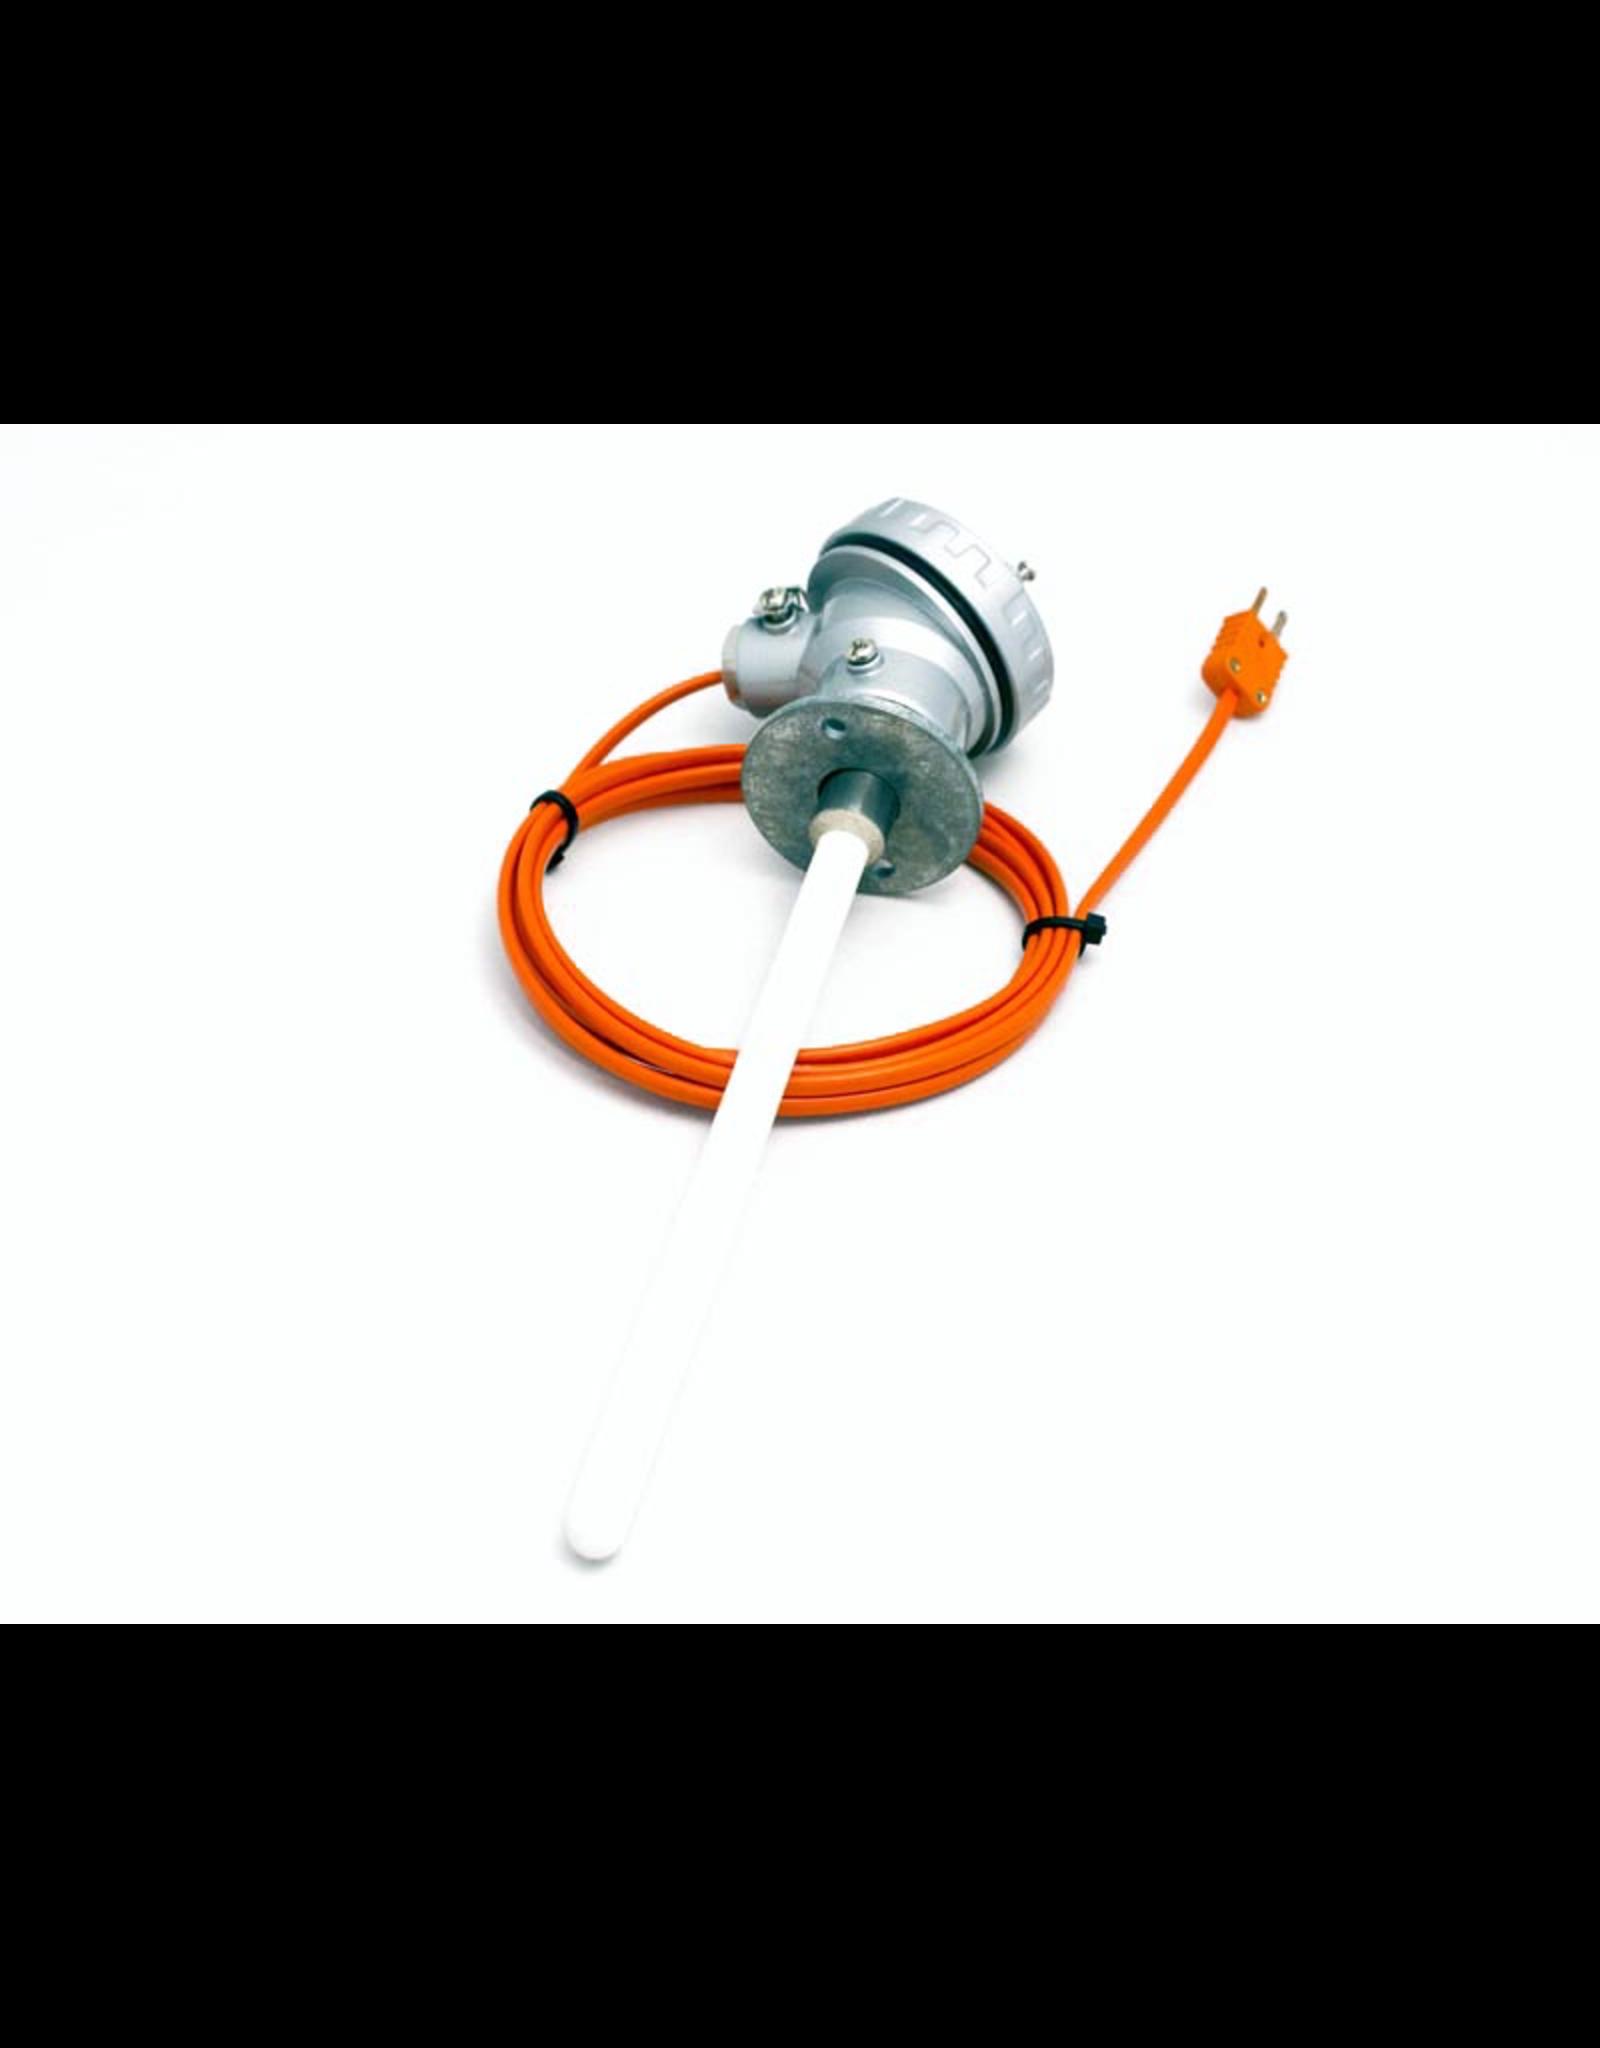 Mitsco 150mm Type R Thermocouple > 1350°C